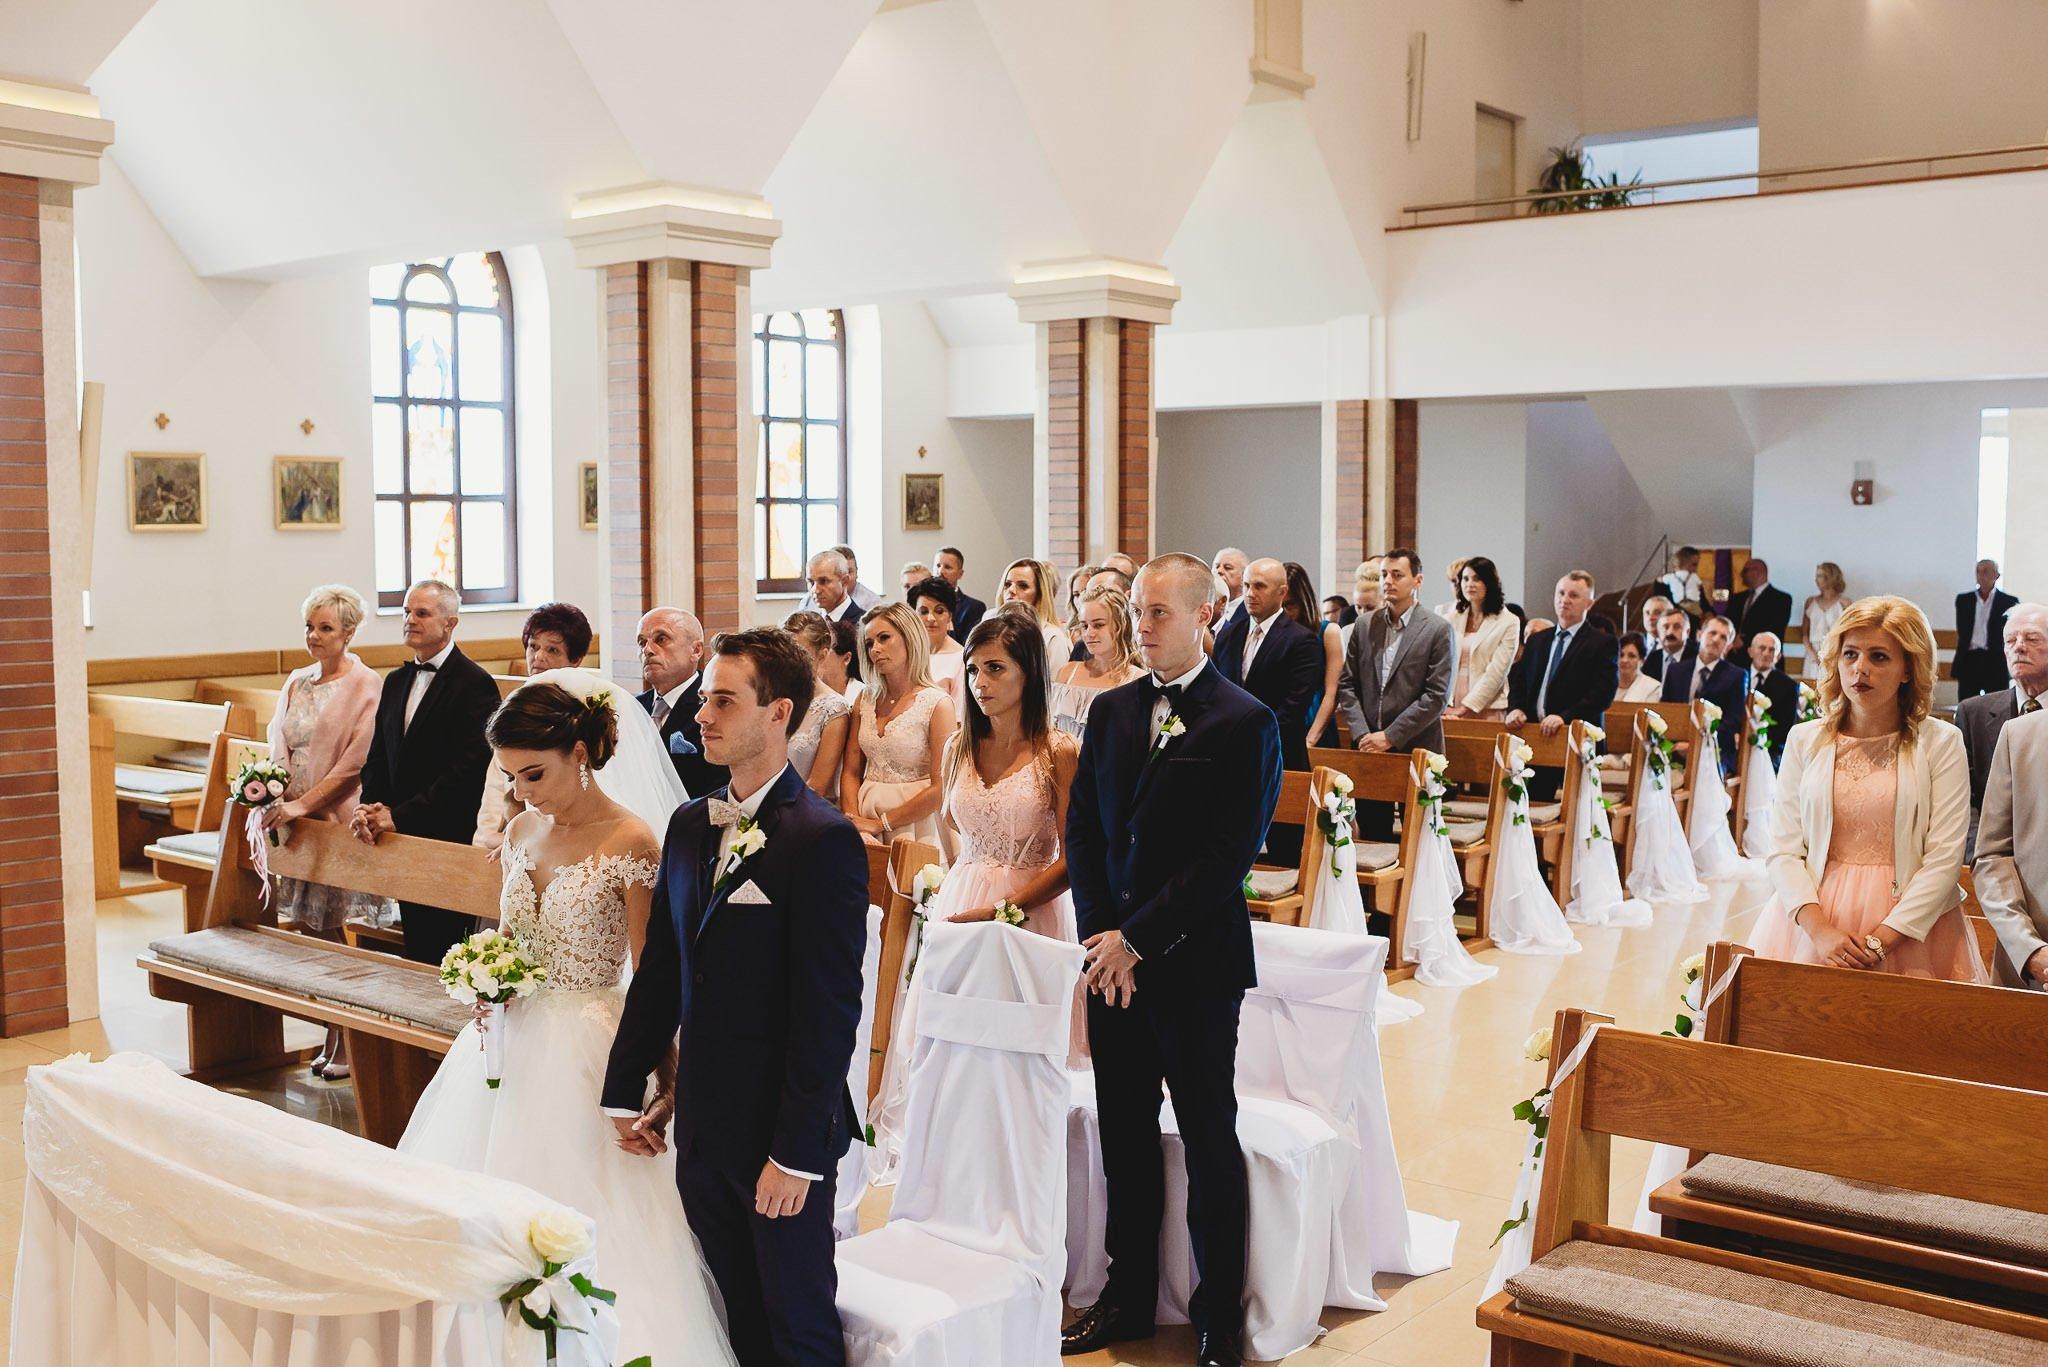 Angelika i Michał, piękne zdjęcia ślubne i sesja plenerowa w Gołuchowie 120